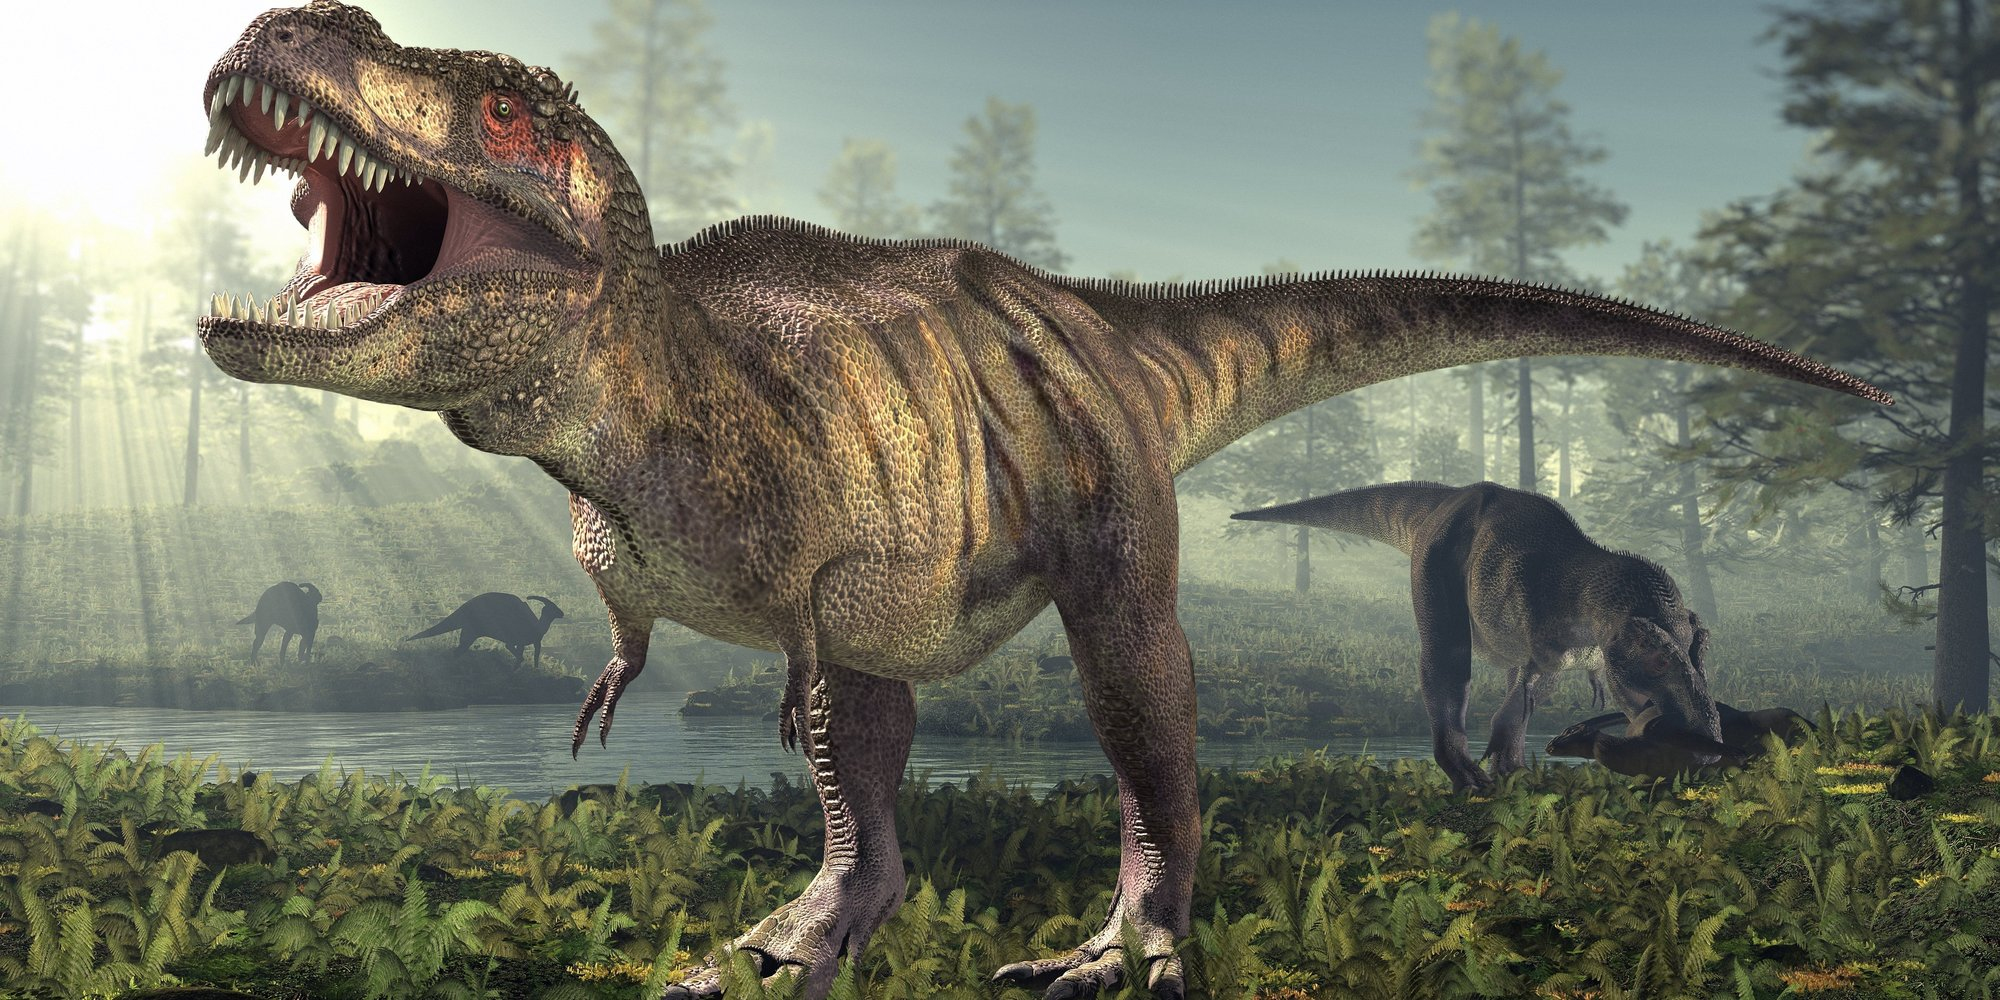 Тарбозавр фото, тарбозавр динозавр